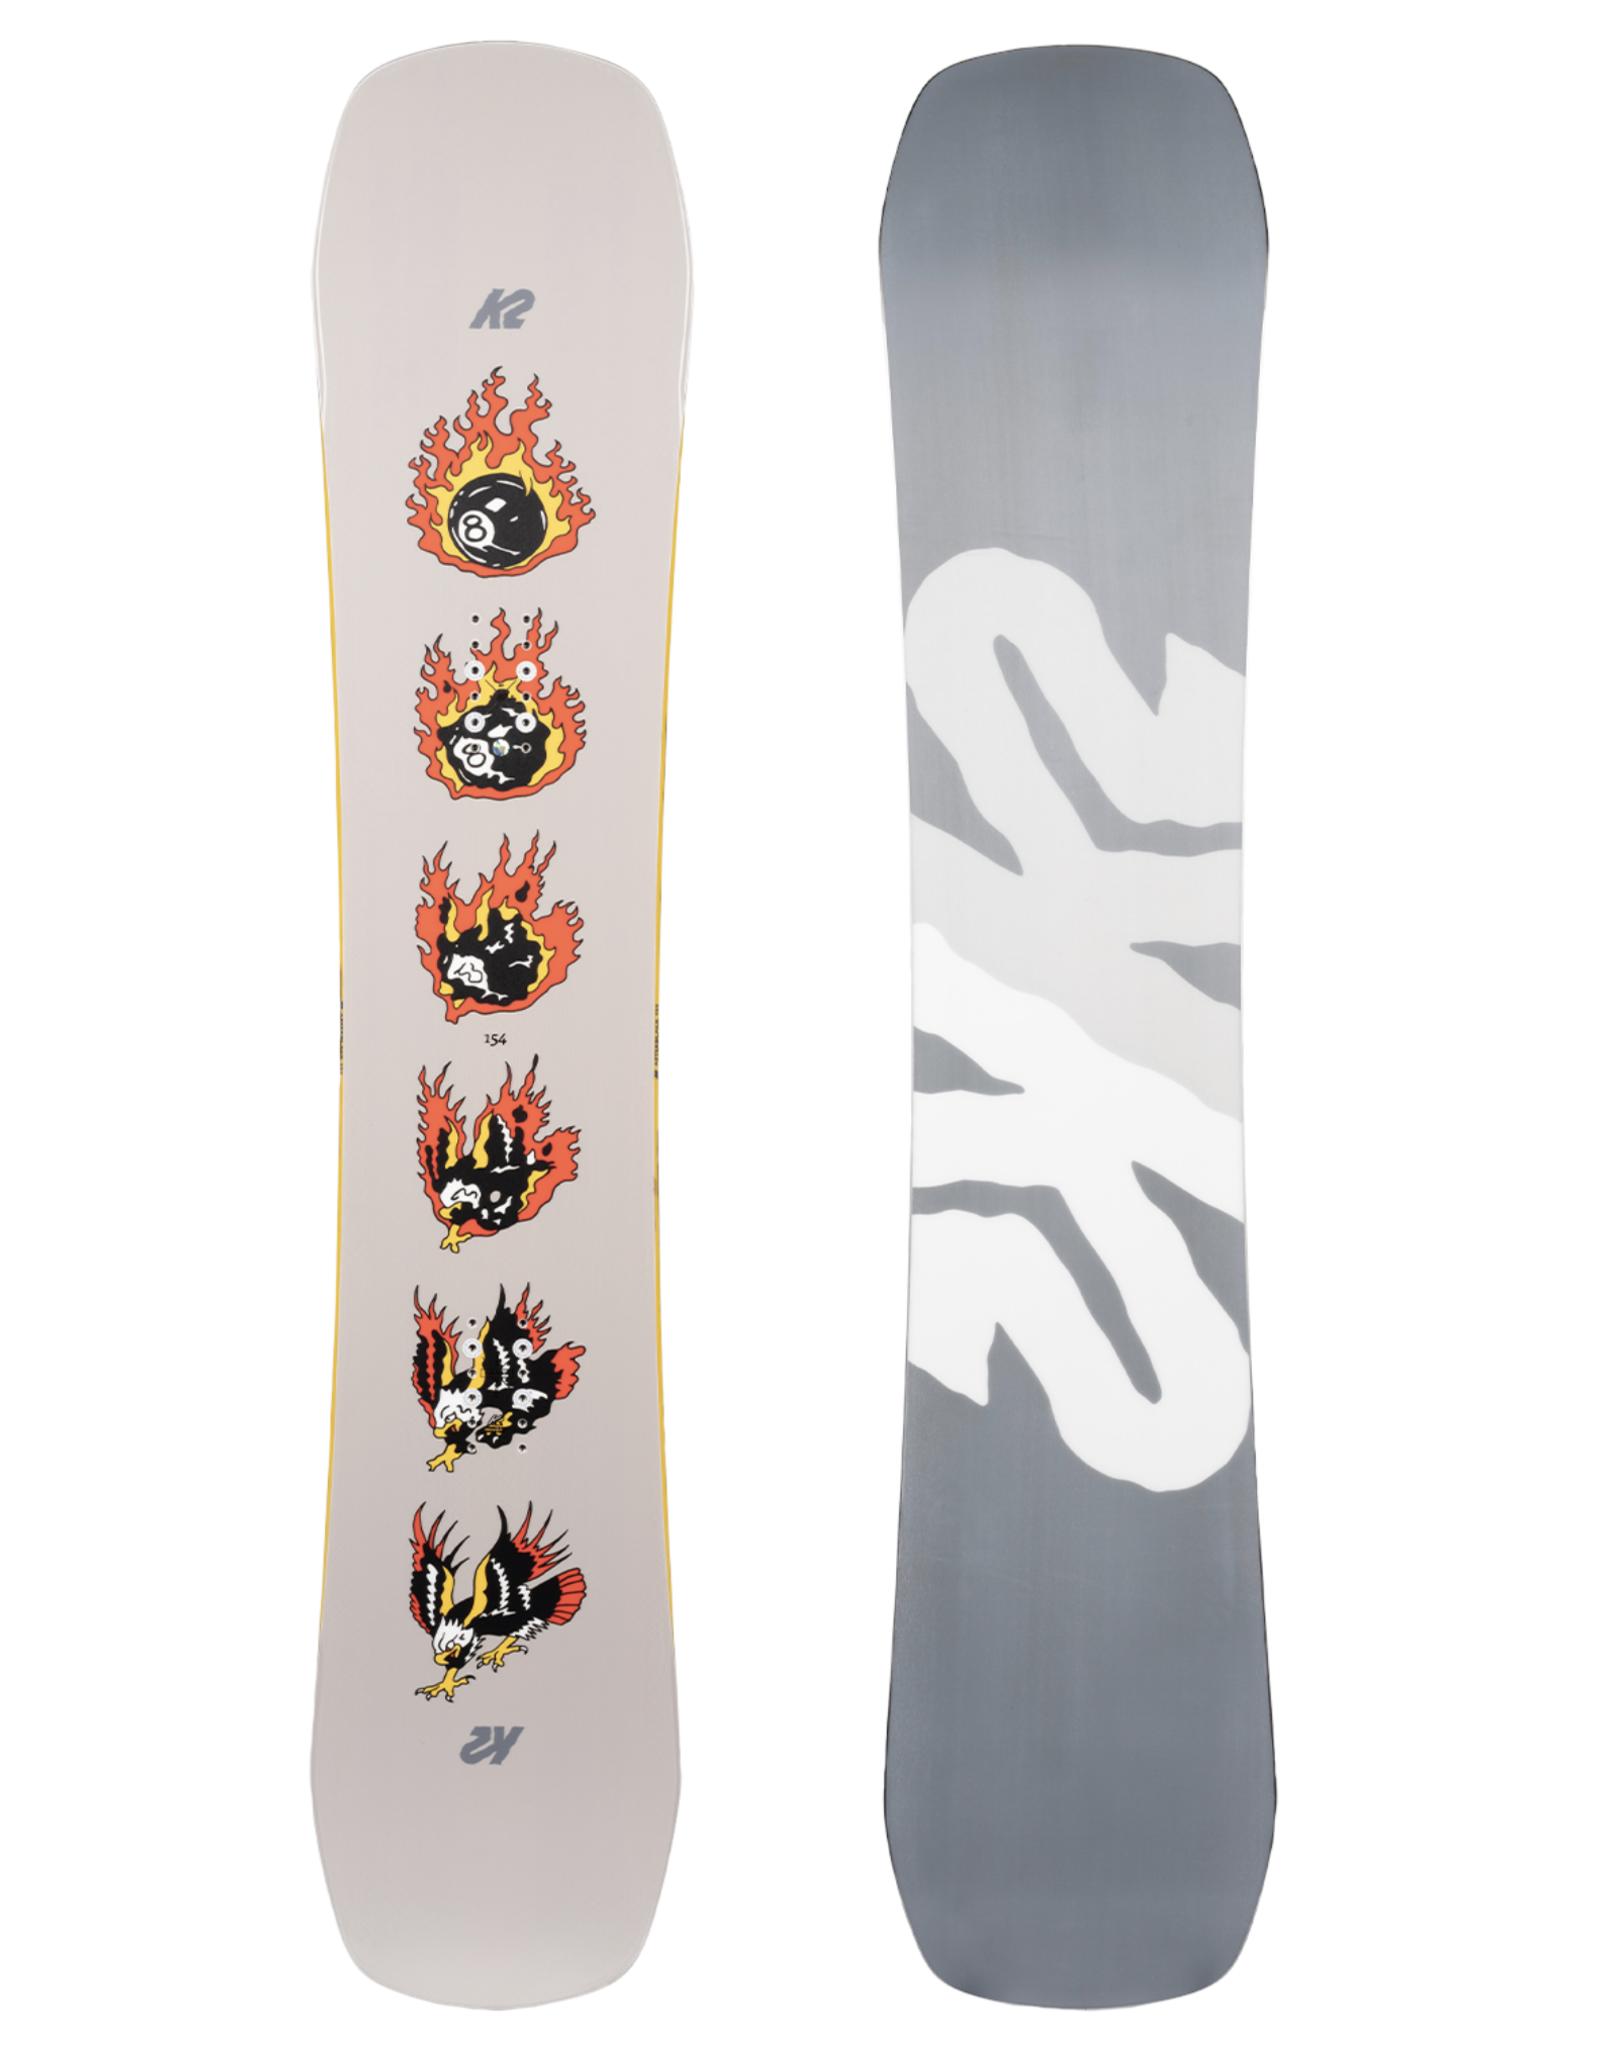 K2 Men's Afterblack Snowboard 2022